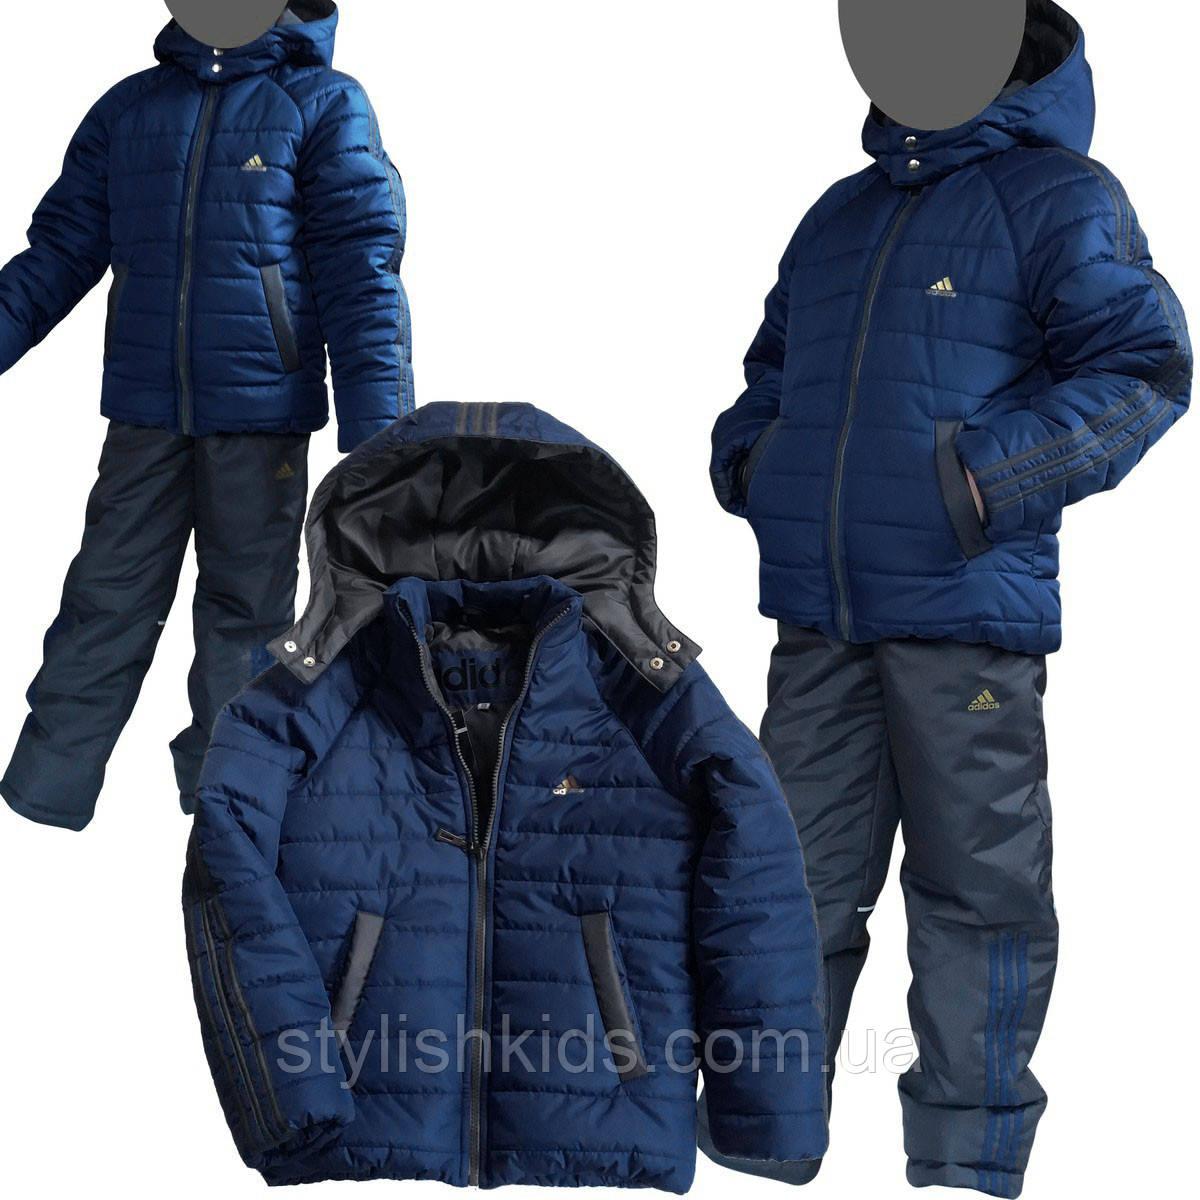 Зимний костюм адидас для мальчиков купить в интернет магазине.Купить  спортивный костюм . 406f4498a20